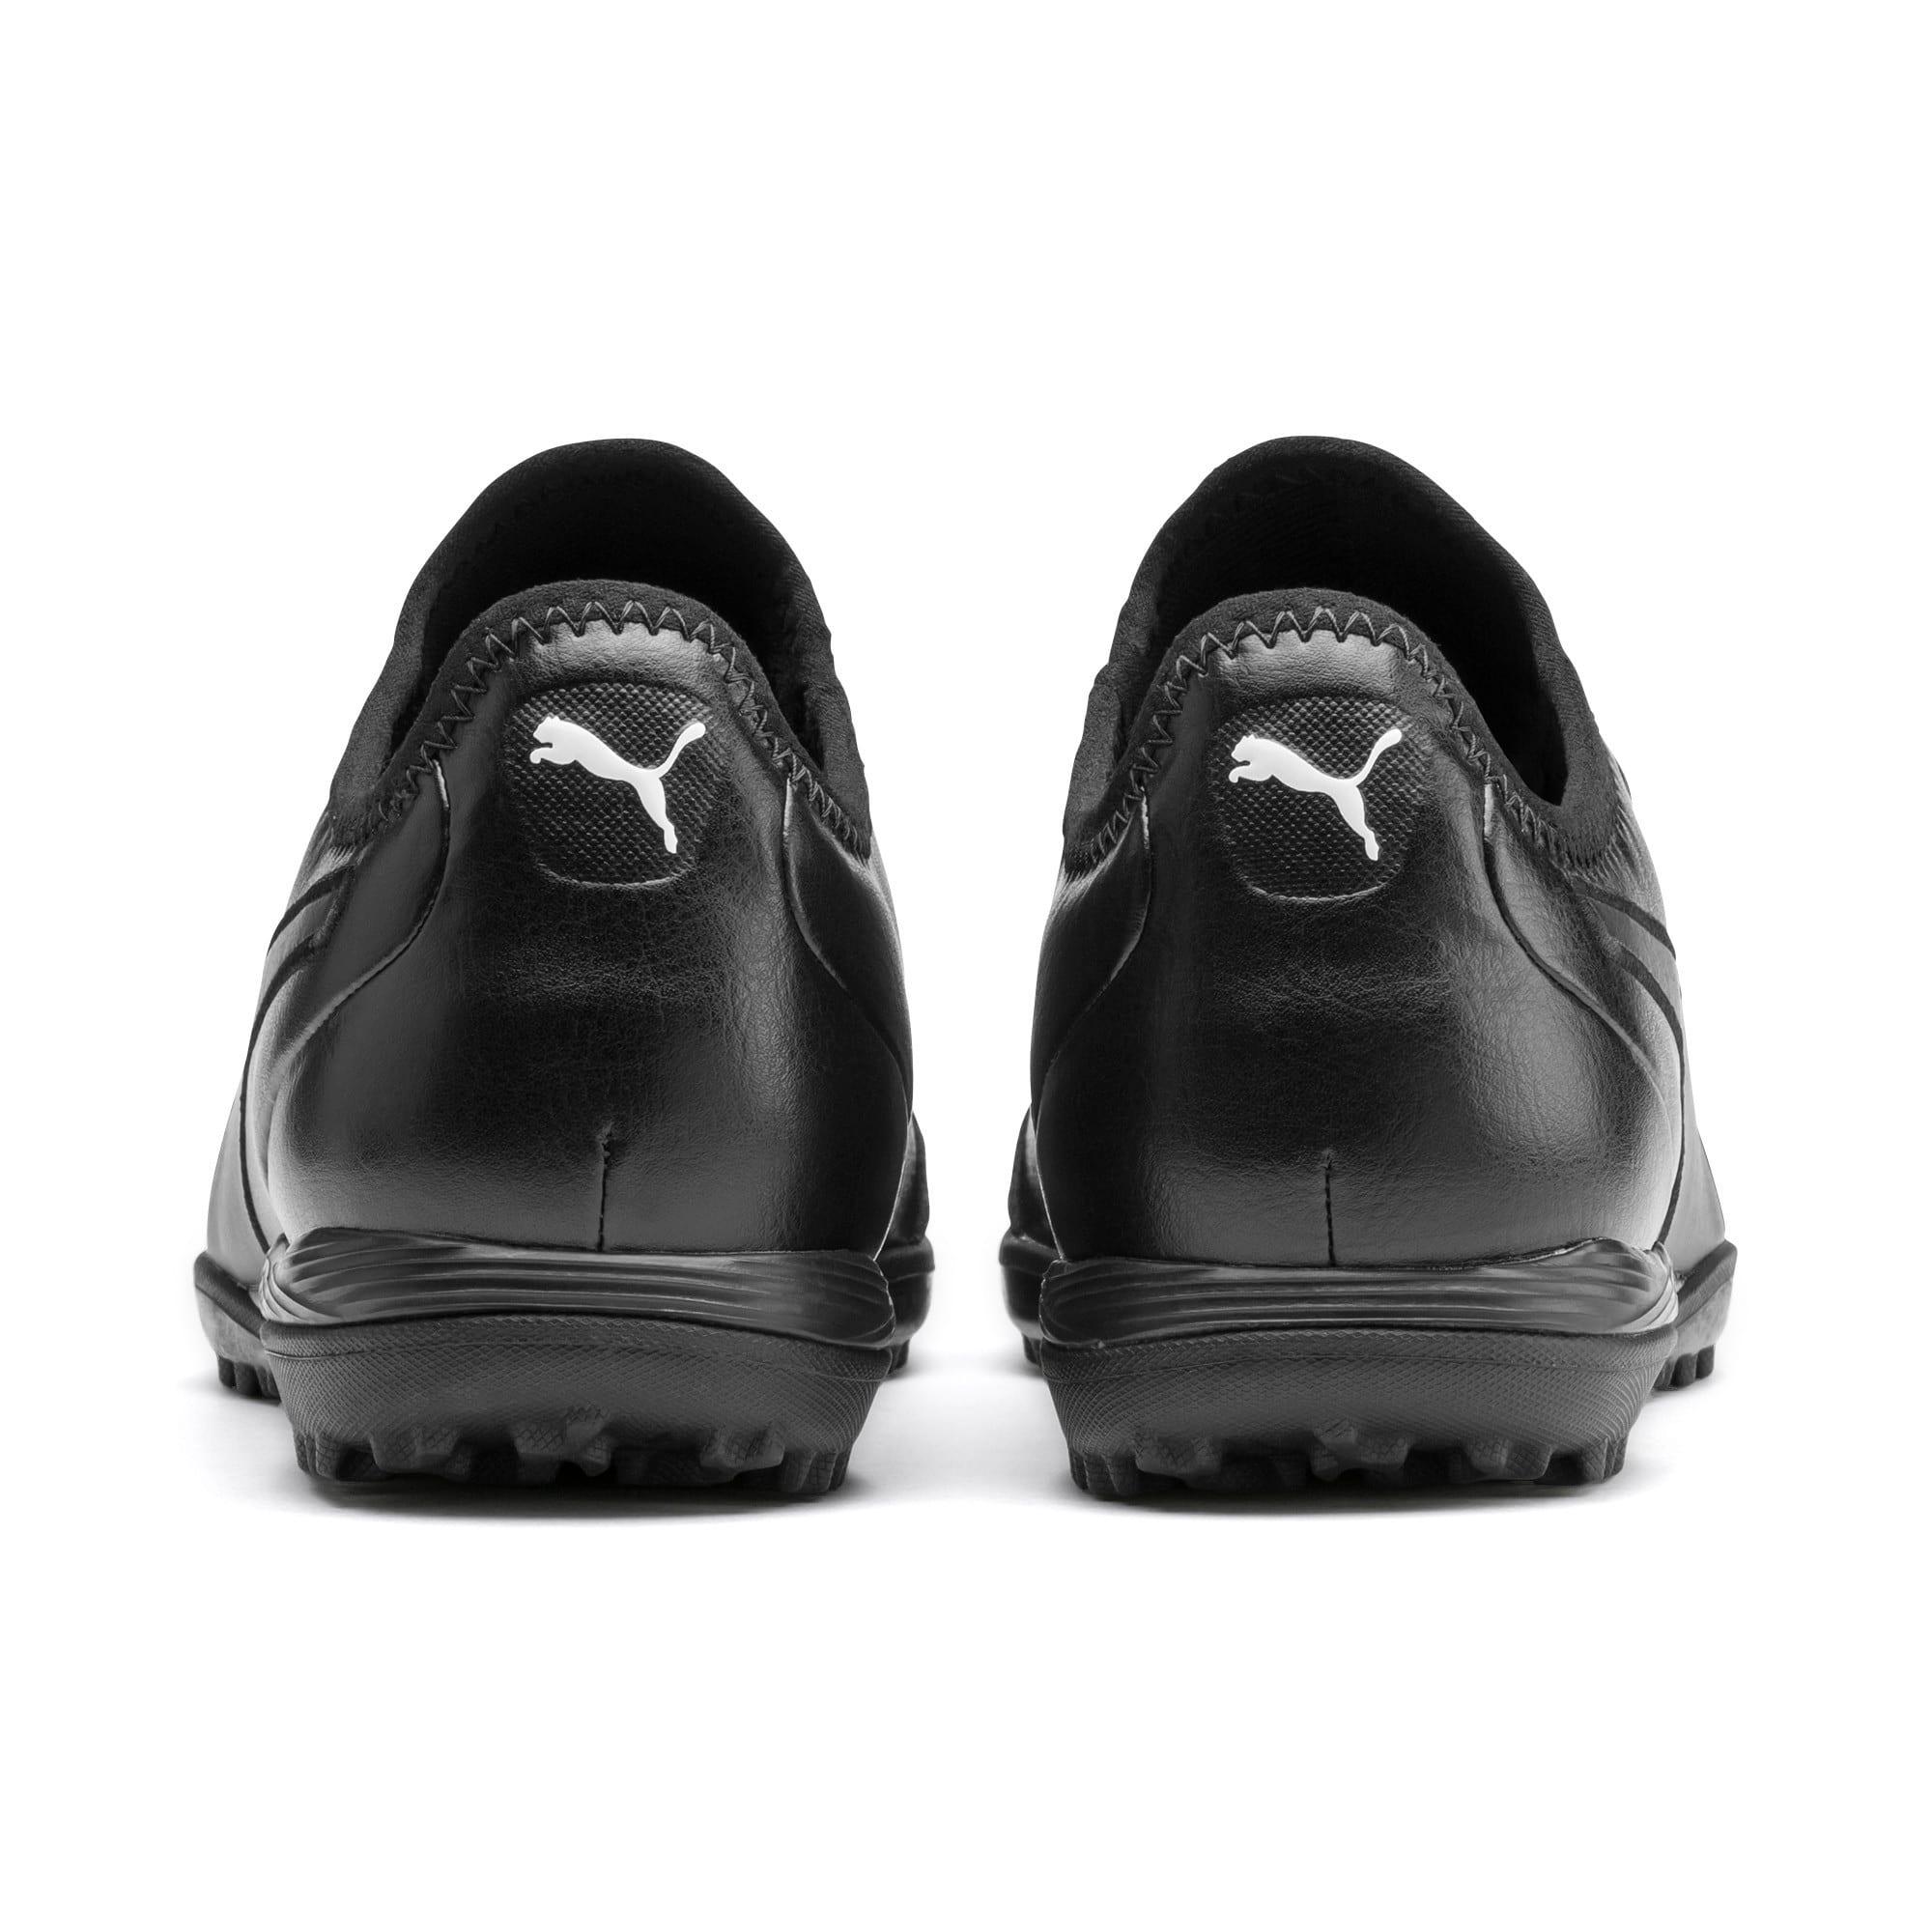 Thumbnail 4 of King Pro TT Soccer Shoes, Puma Black-Puma White, medium